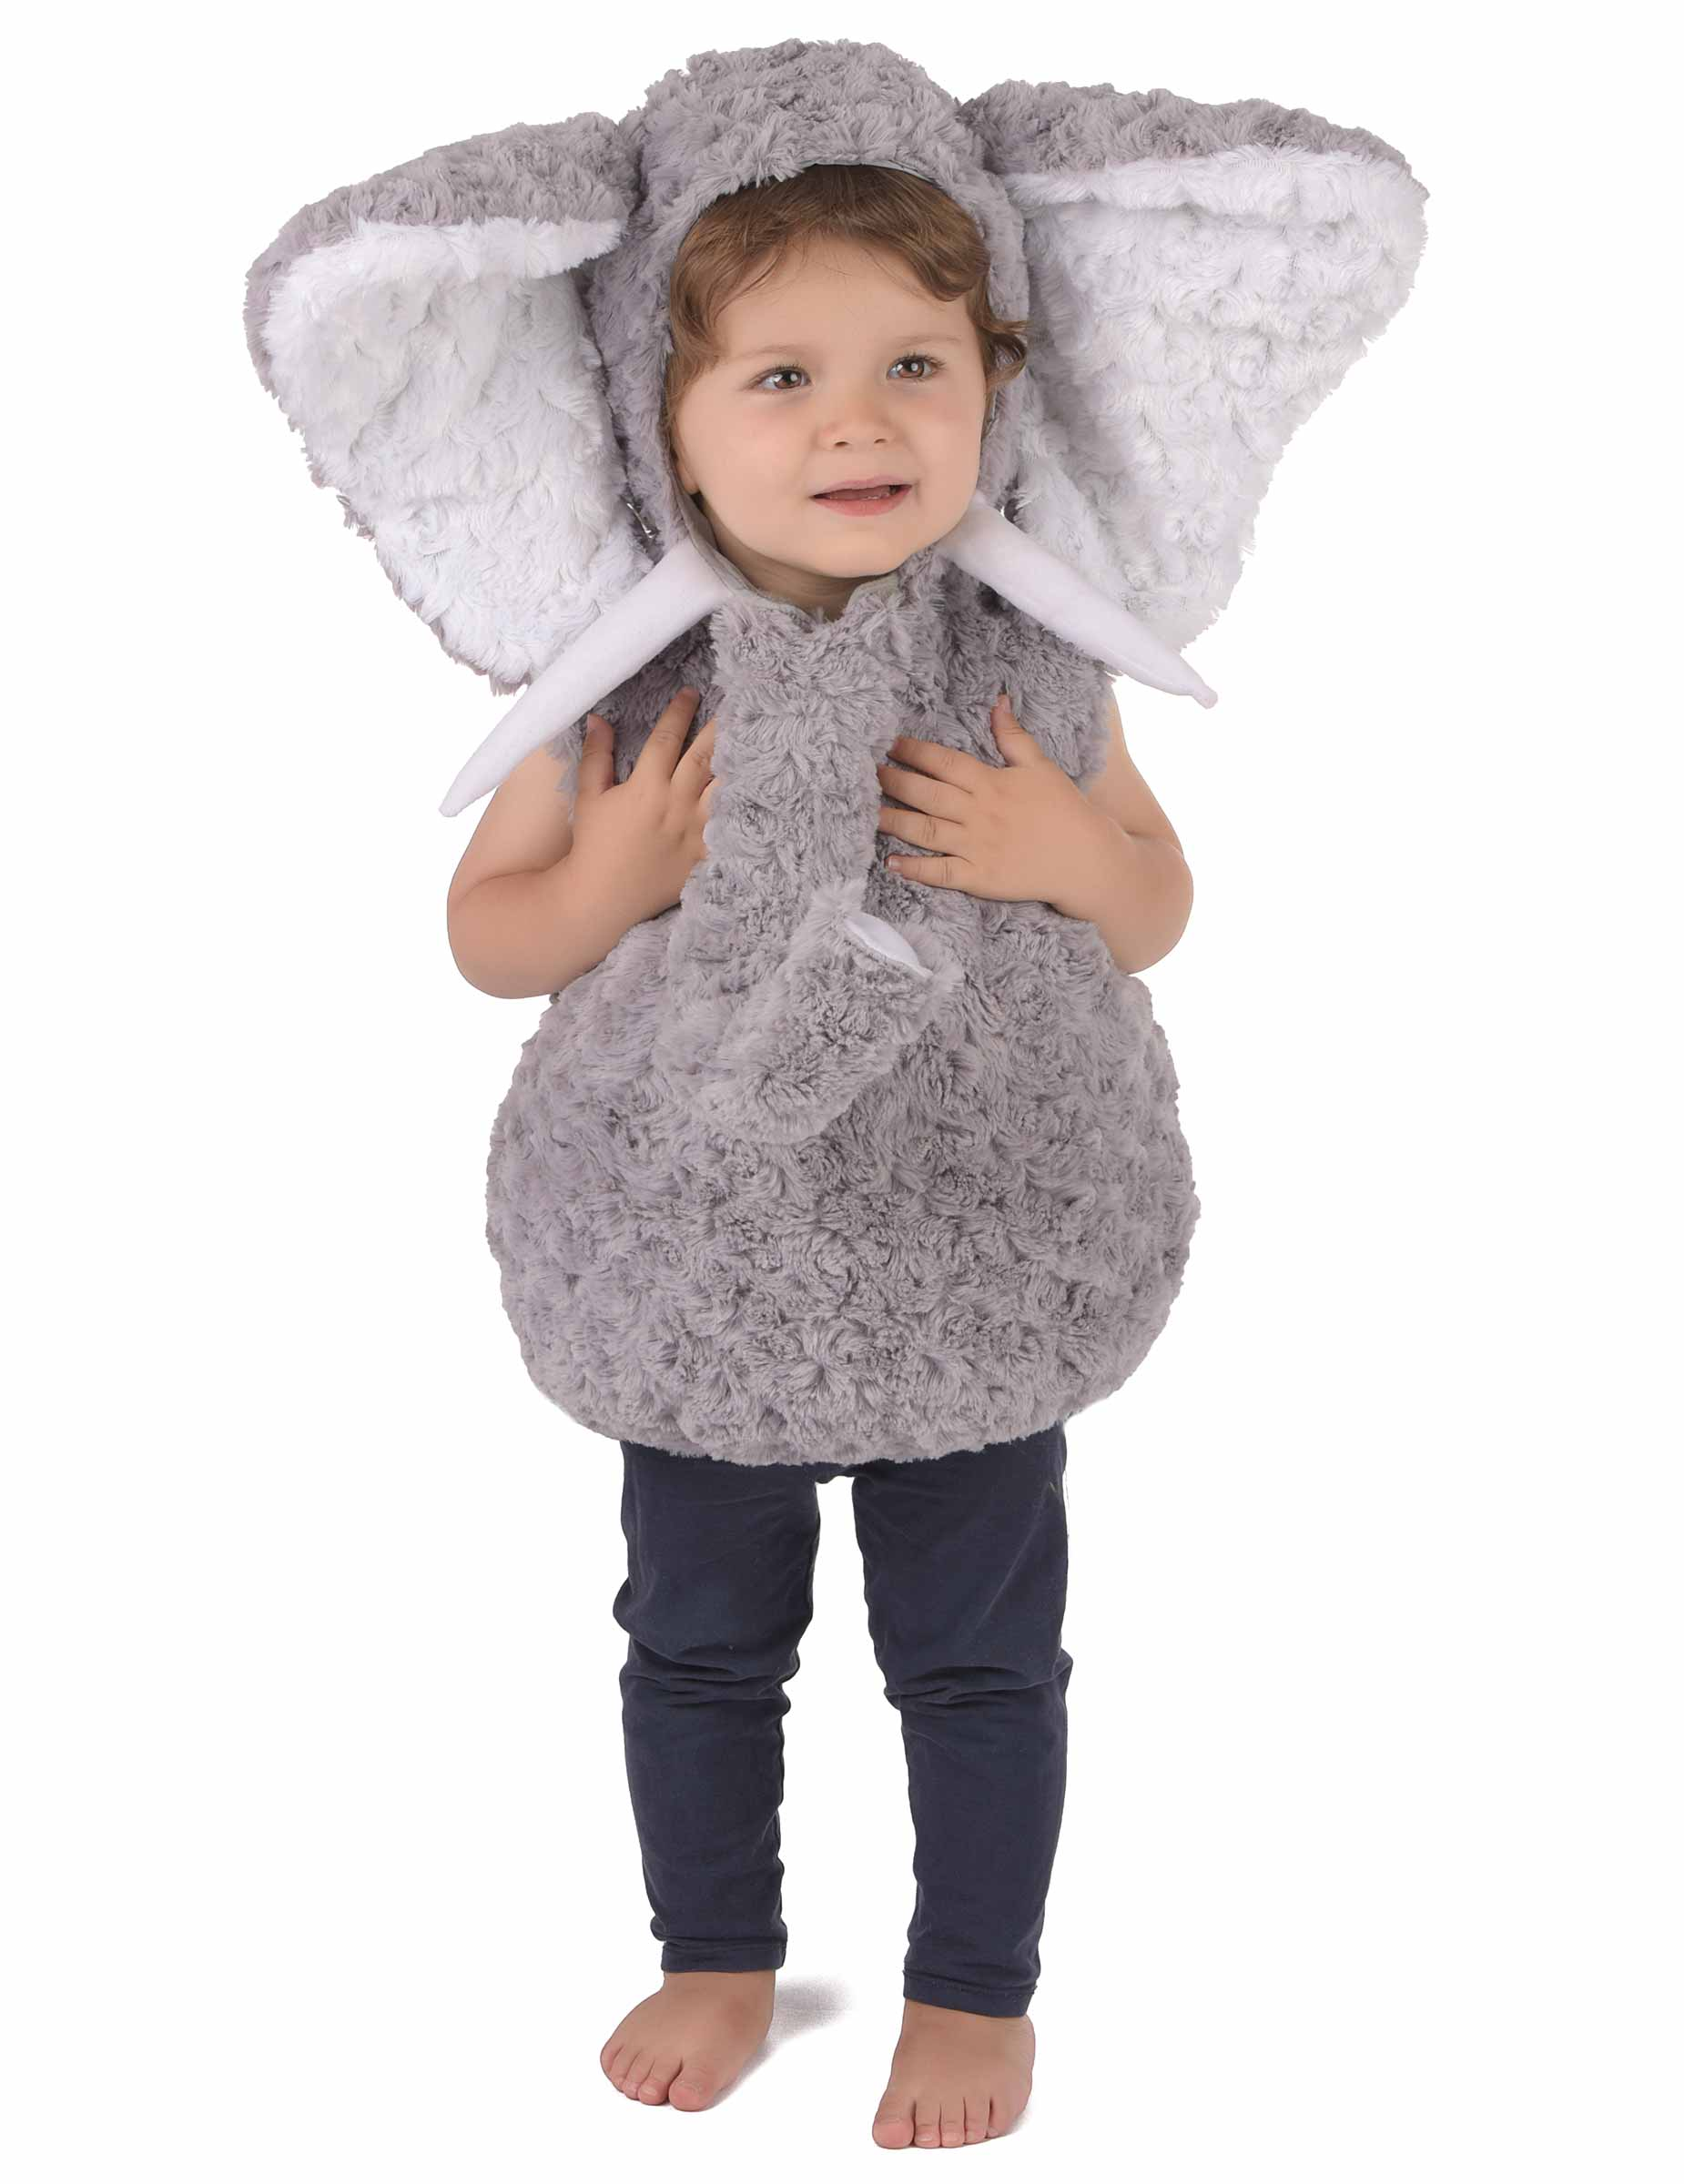 813ac441fc9c Costumi di carnevale neonati e bimbi fino a 2 anni - Vegaoo.it